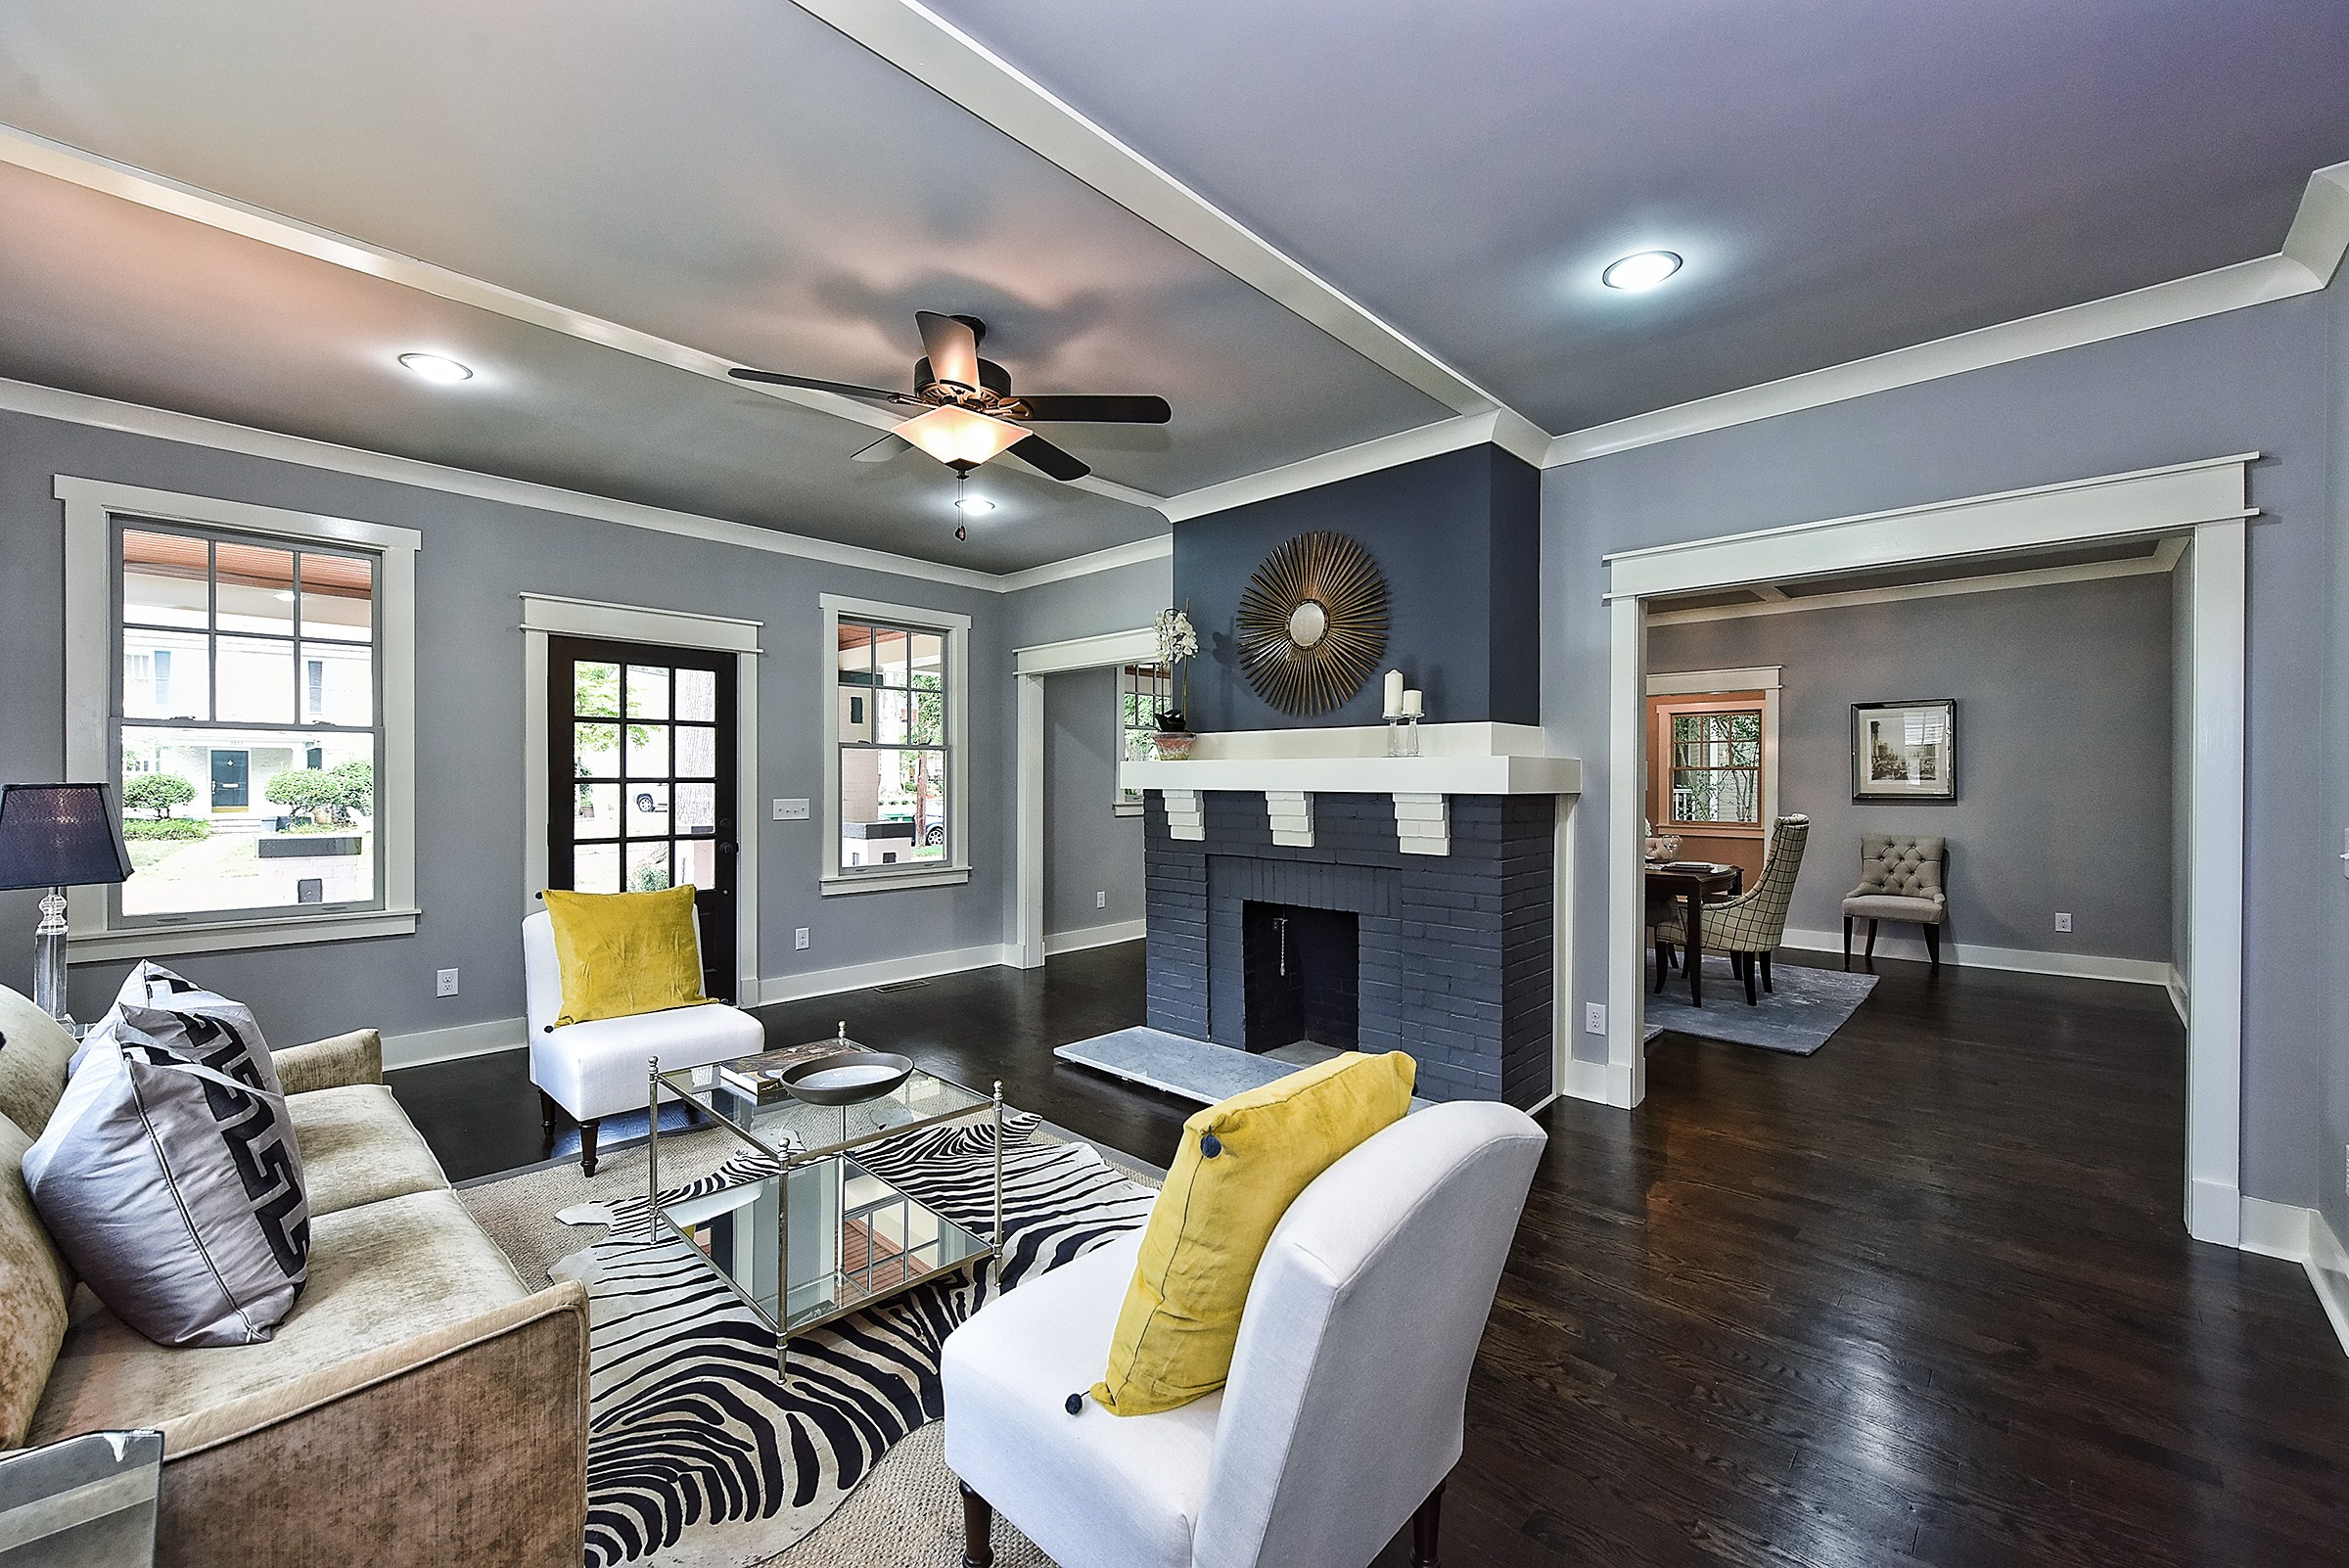 012_Living Room.jpg